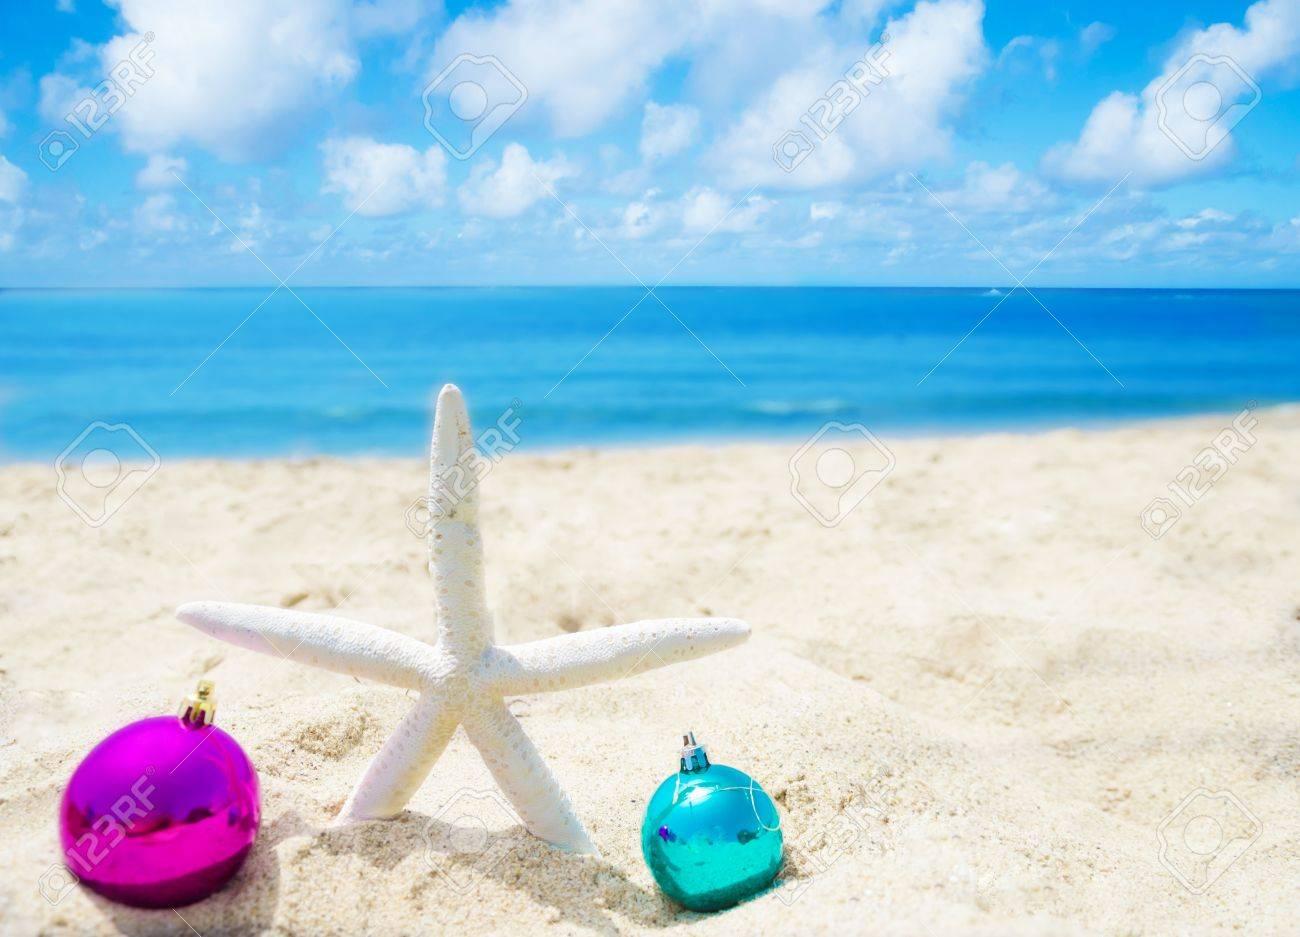 21395522-Starfish-avec-des-boules-de-No-l-sur-la-plage-de-sable-dans-le-concept-de-jour-f-ri-ensoleill--Banque-d'images